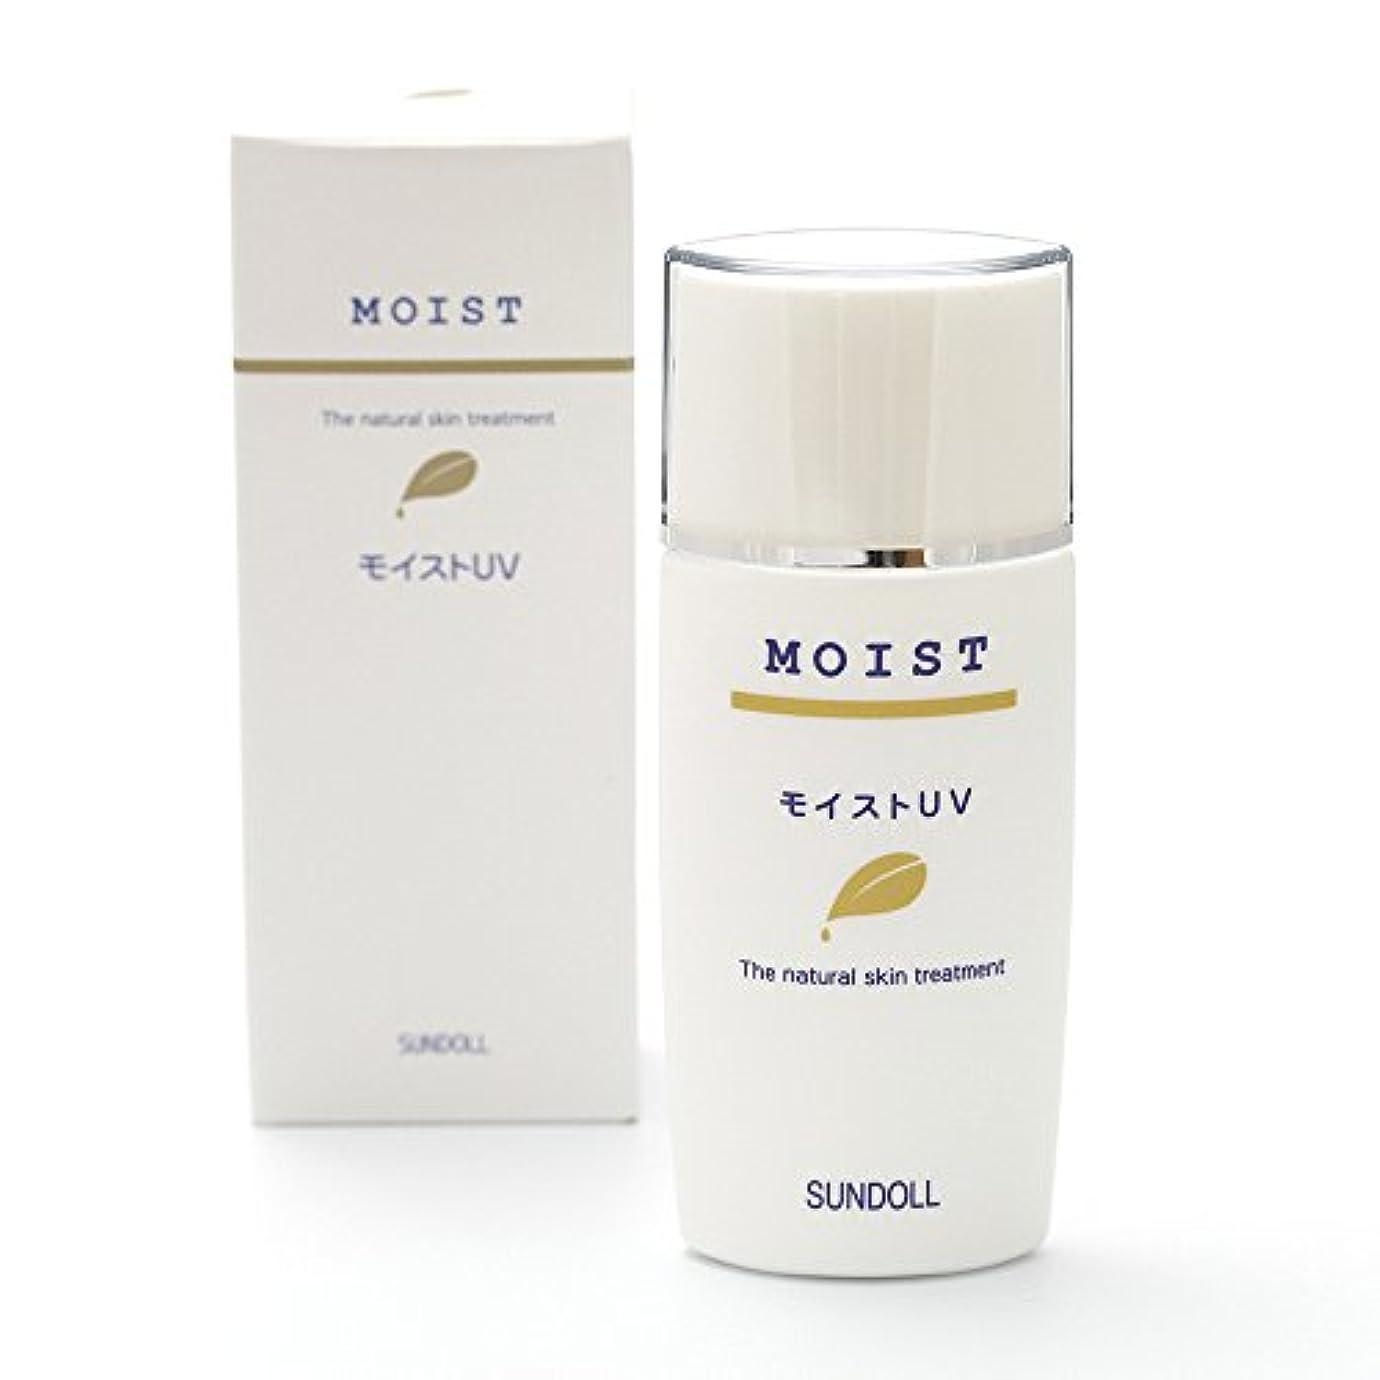 最小化する抱擁文献日焼け止めクリーム乳液 モイストUV 紫外線吸収剤不使用 40ml